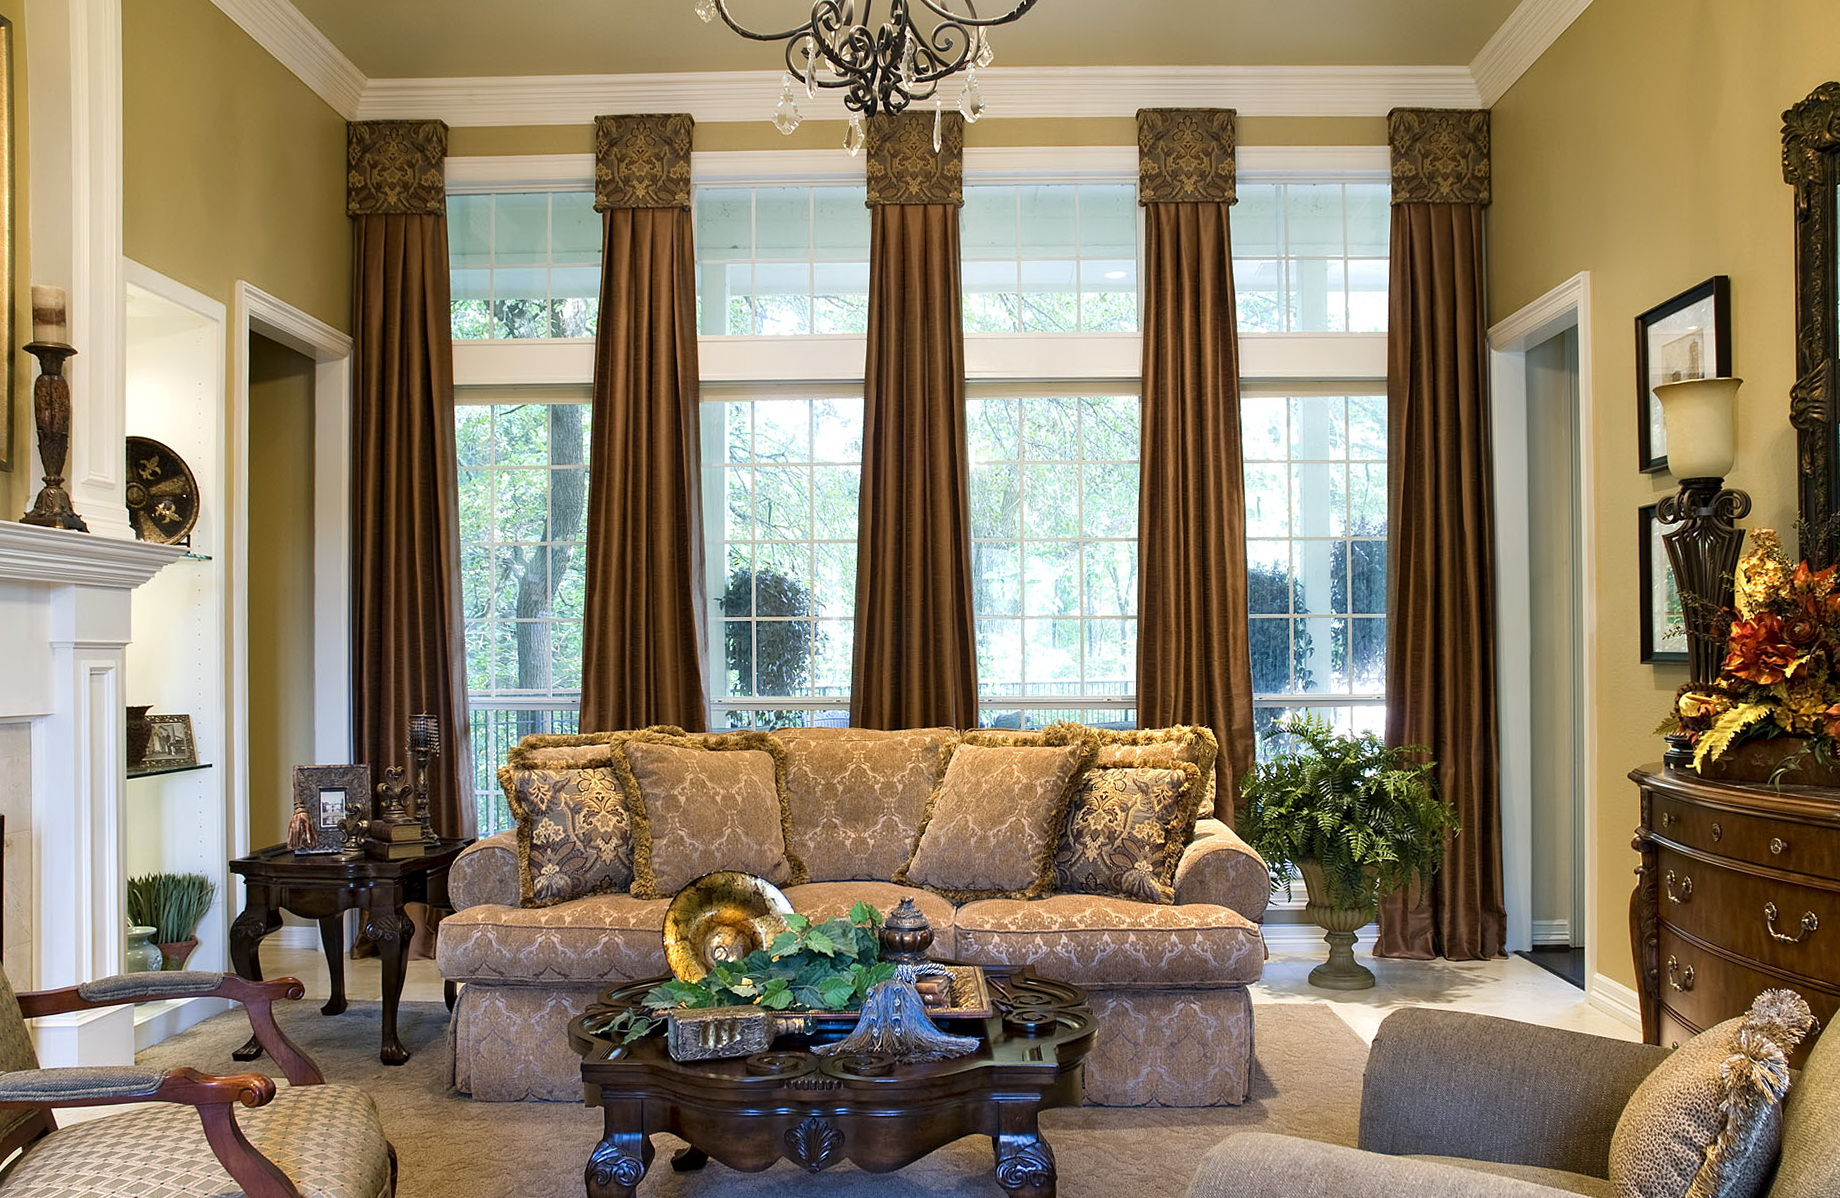 Living Room Curtains For Big Windows Home Design Ideas